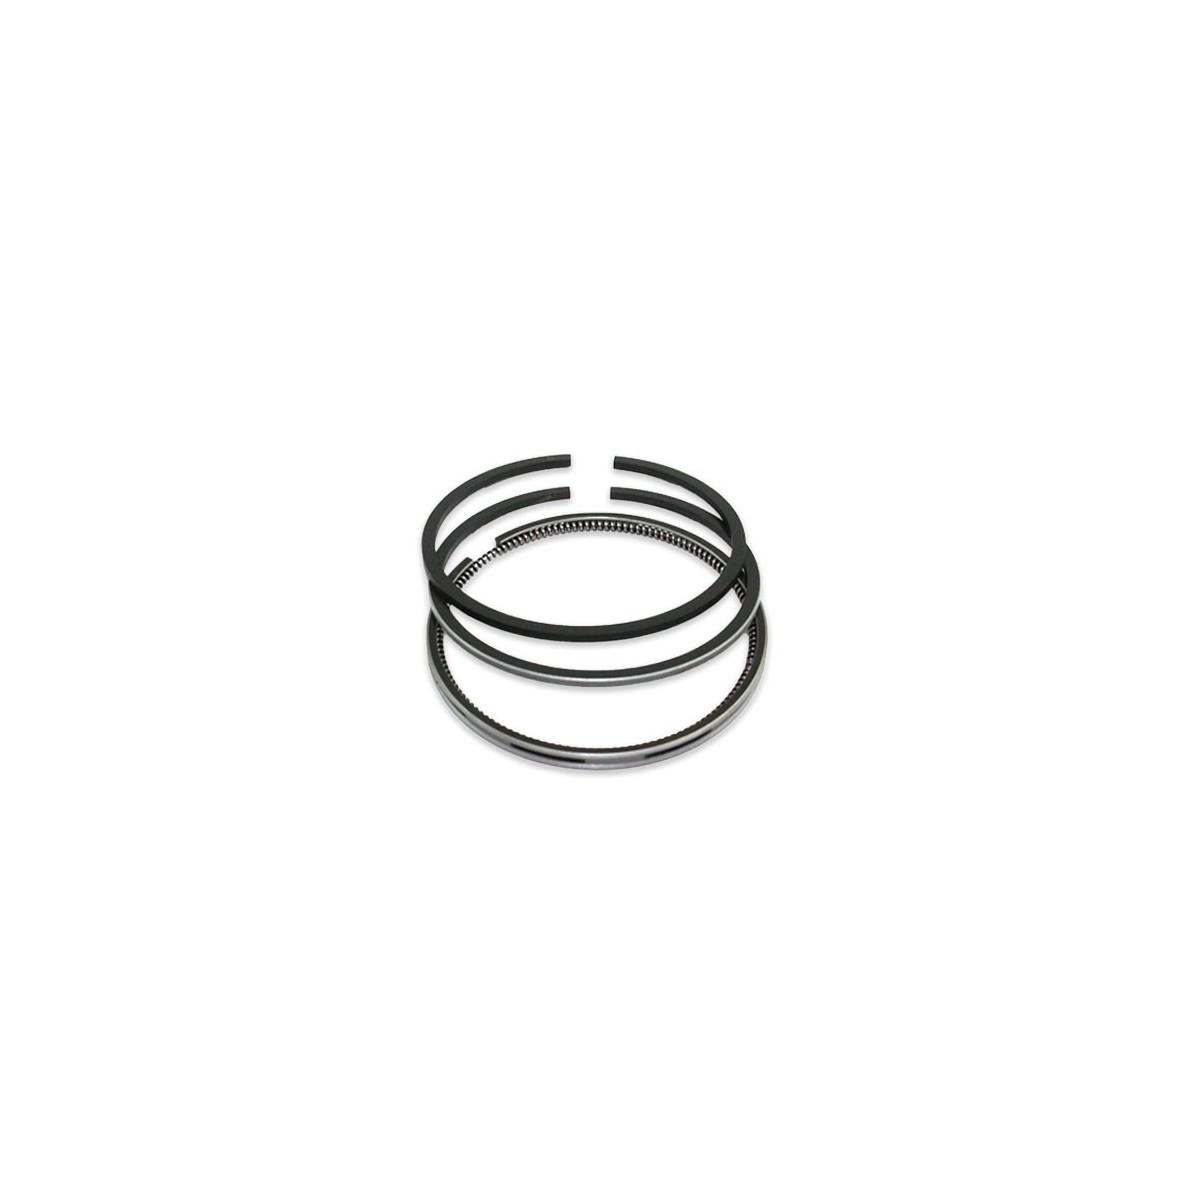 Zestaw pierścieni do tłoka YanmarR YM1601 F16